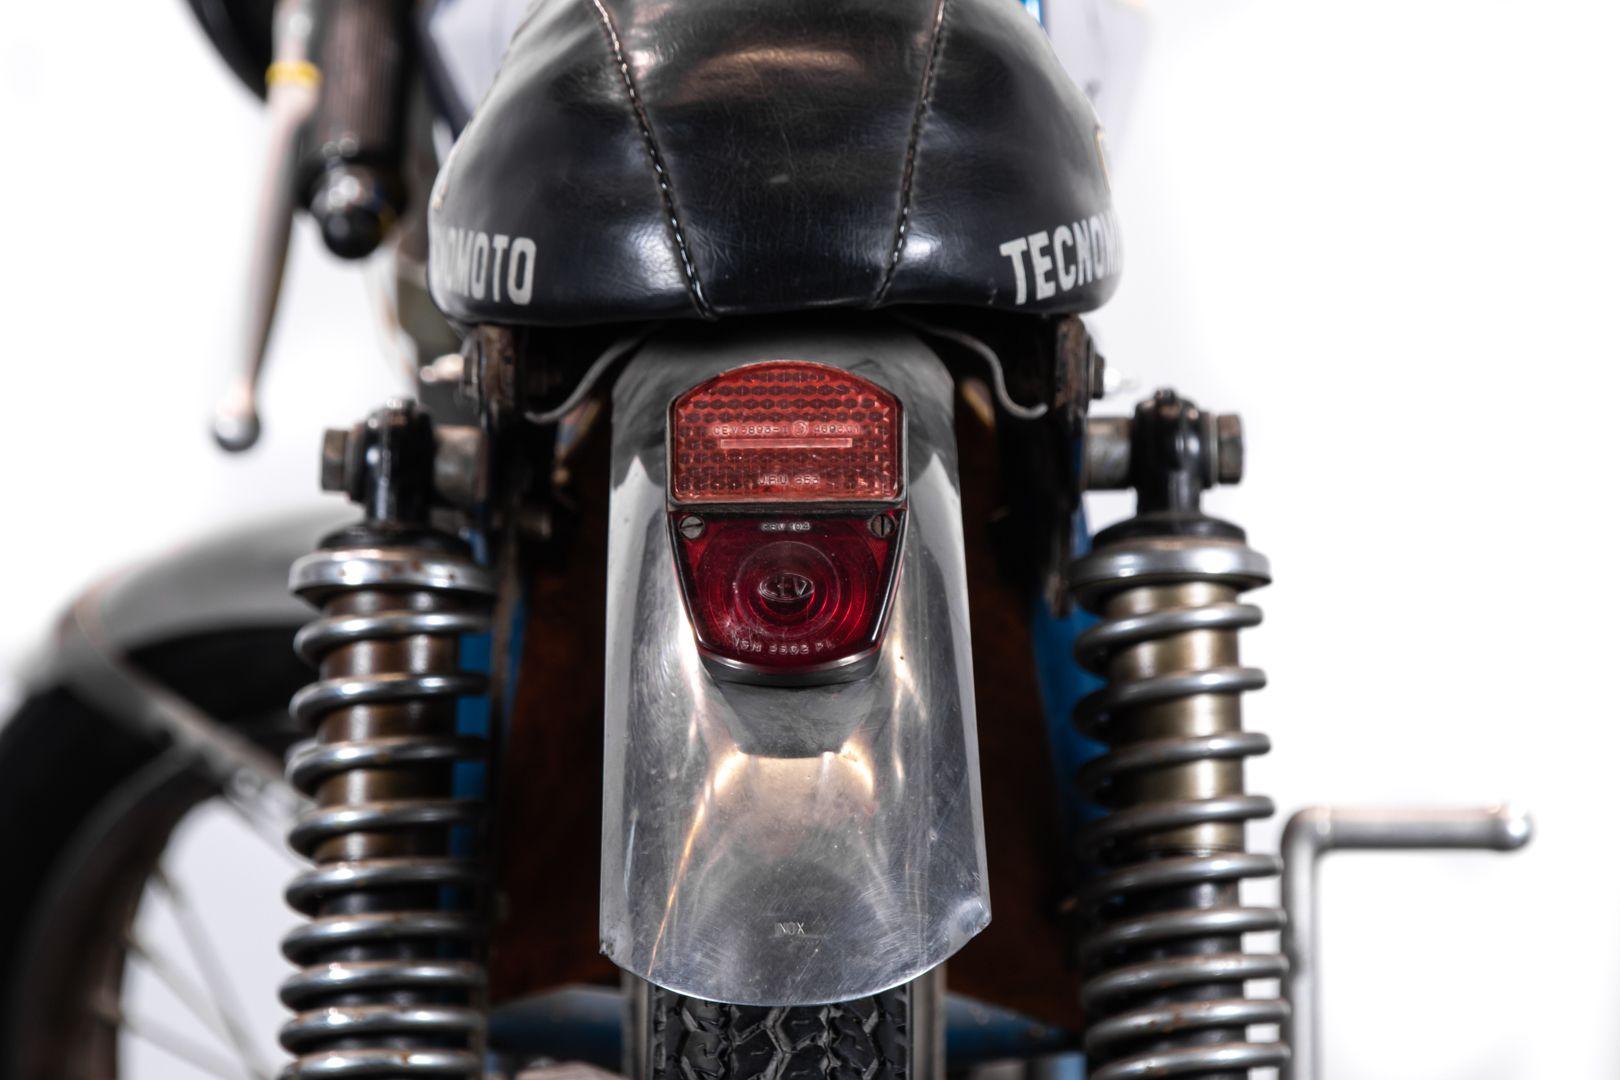 1972 Tecnomoto Squalo  72088